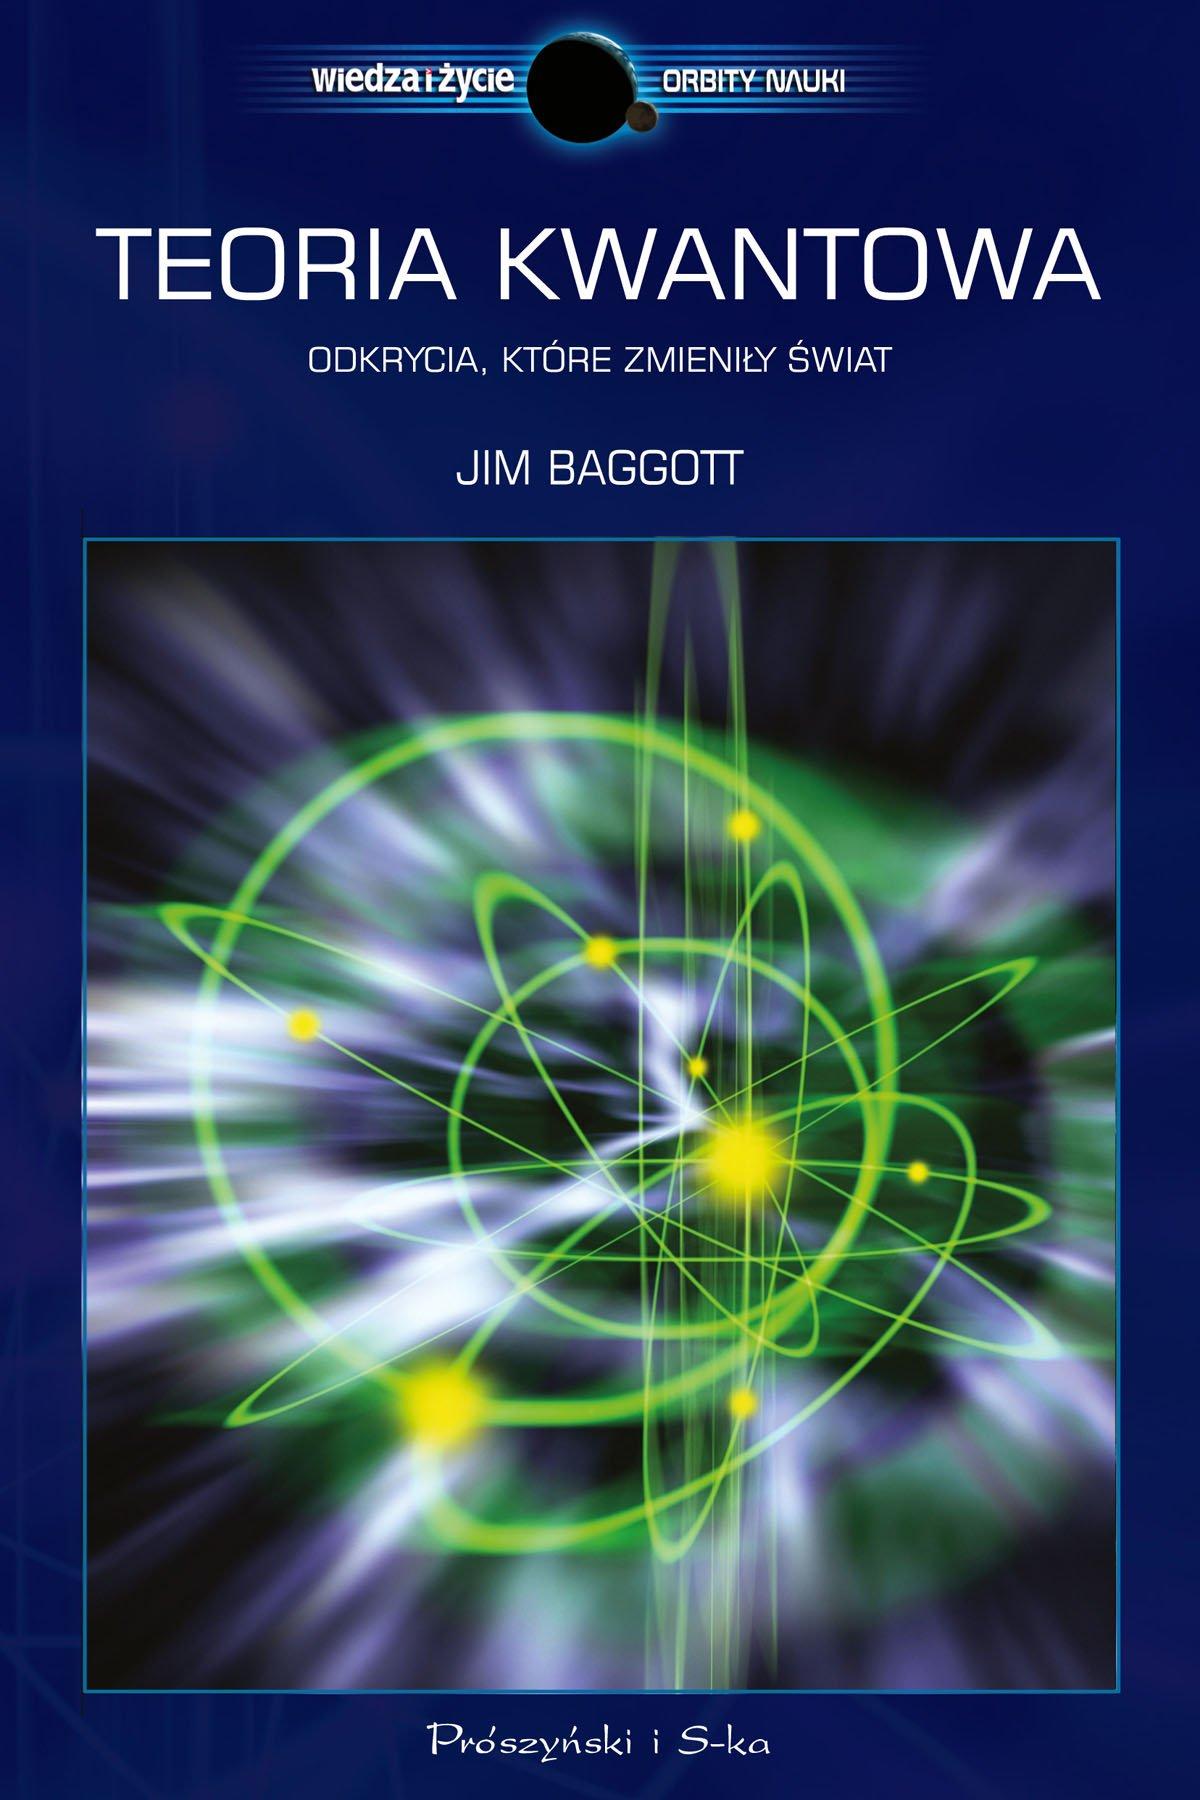 Teoria kwantowa - Ebook (Książka EPUB) do pobrania w formacie EPUB